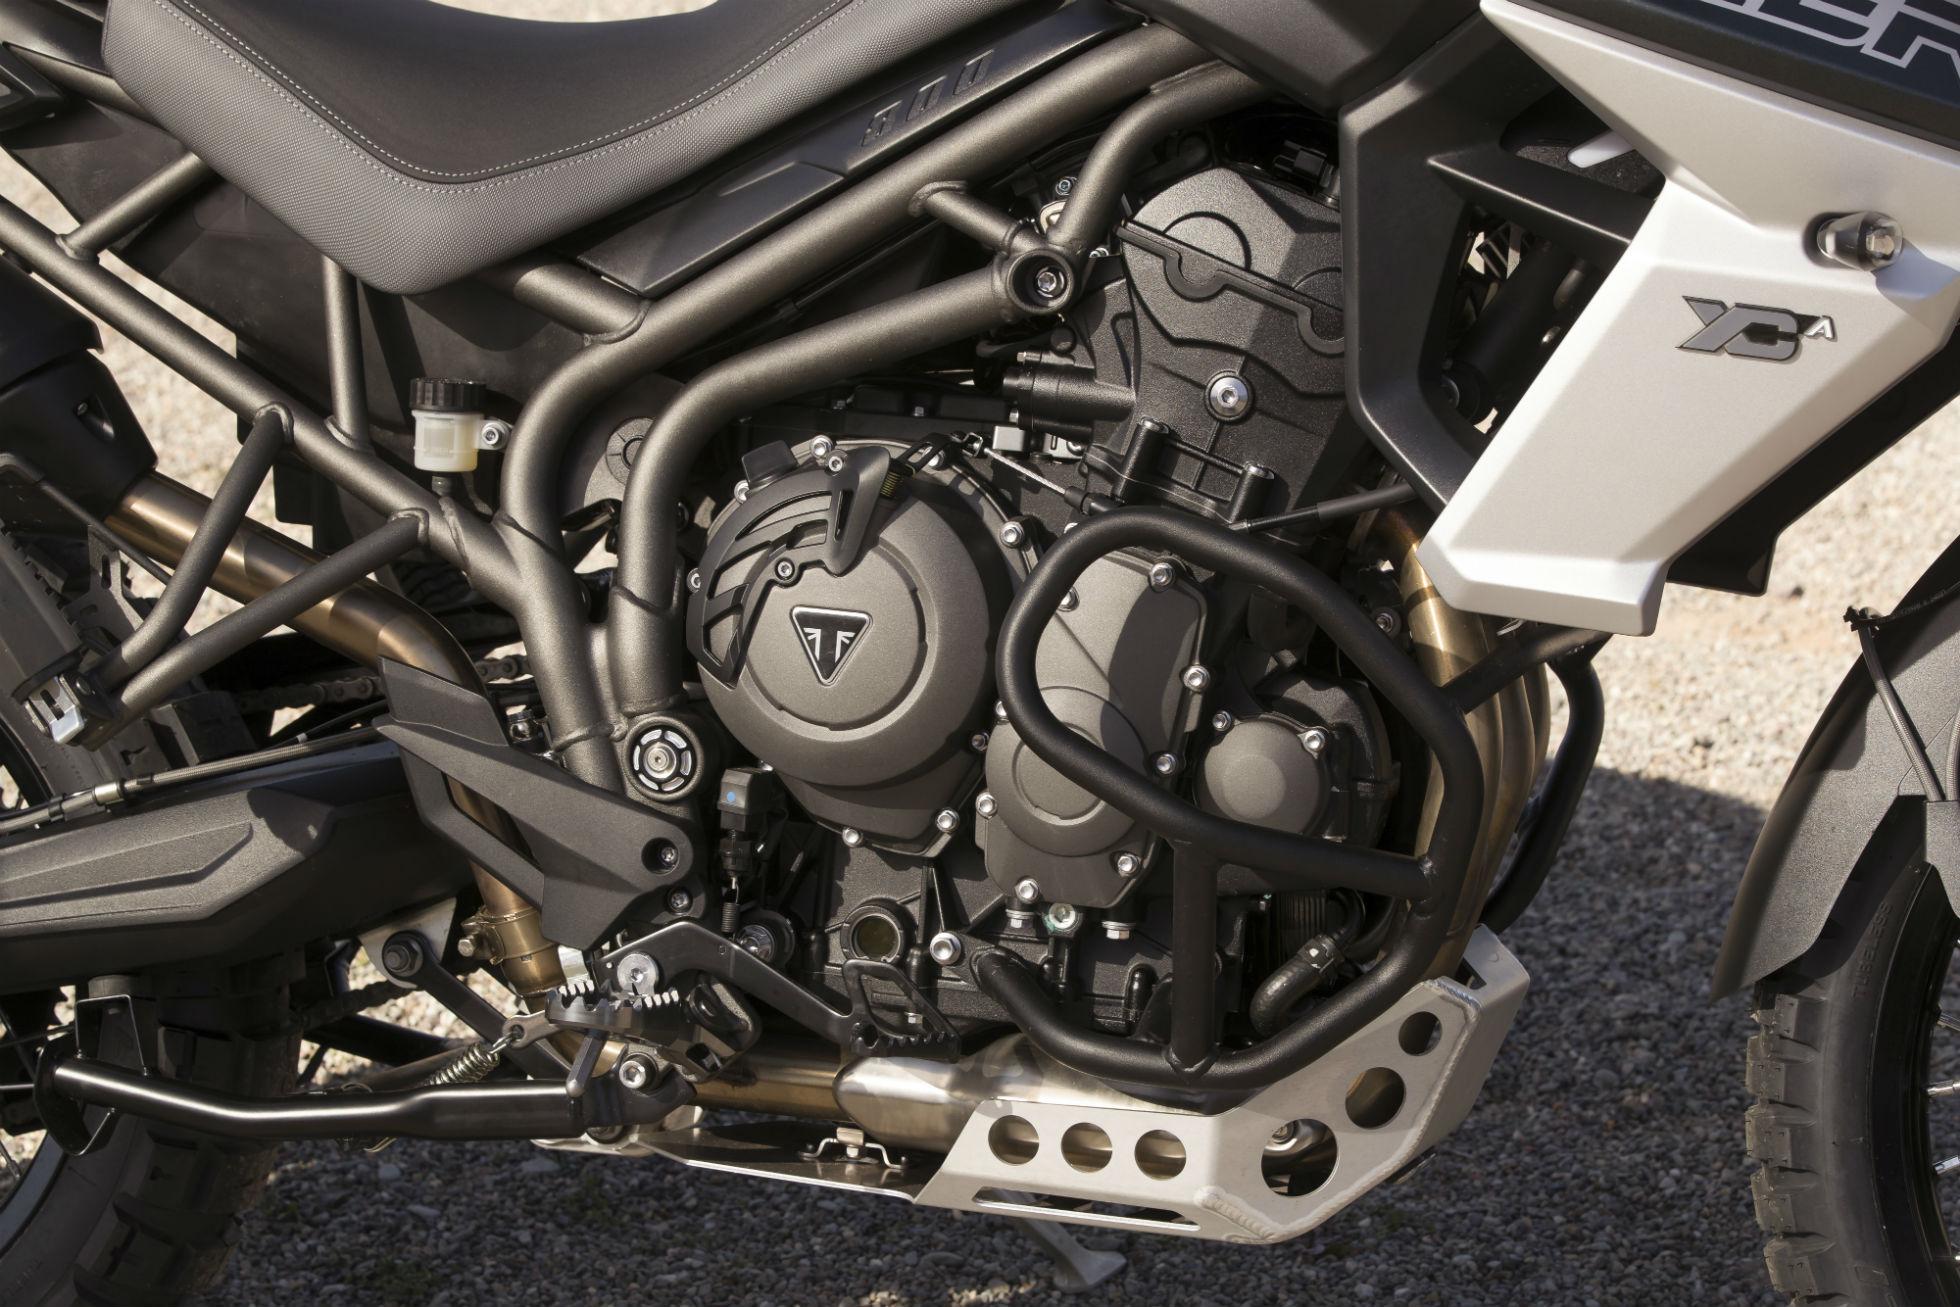 A nova Triumph Tiger 800 manteve a mesma motorização